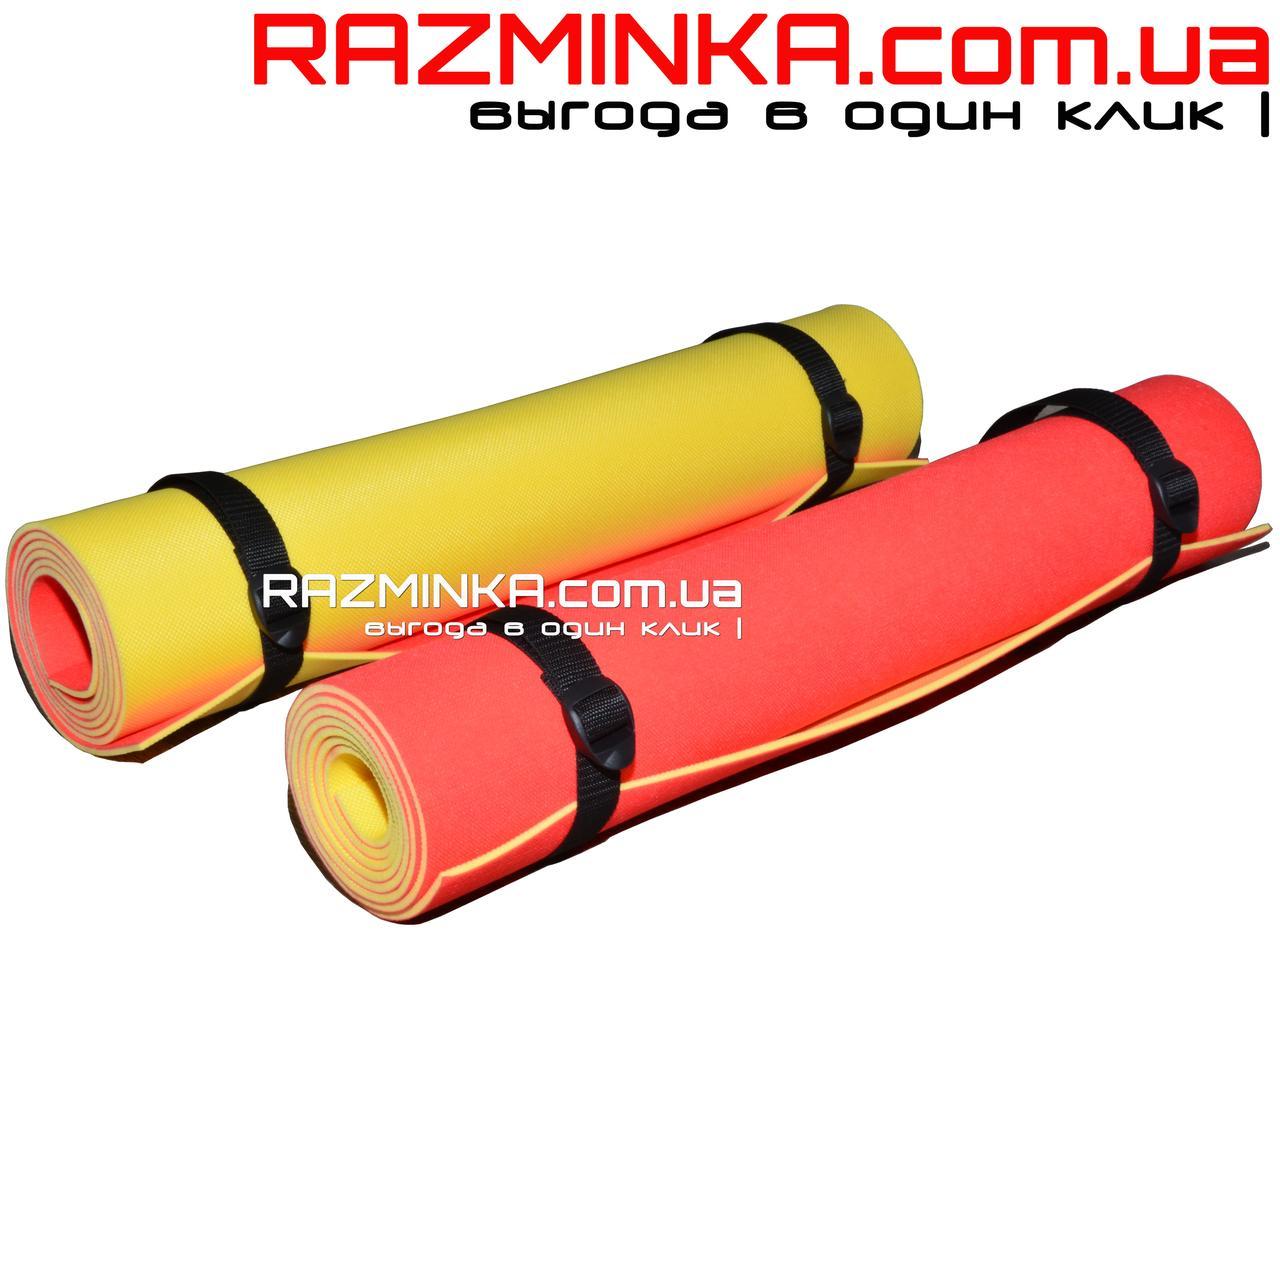 Йога мат Лето 1800х600х4мм, желто-красный